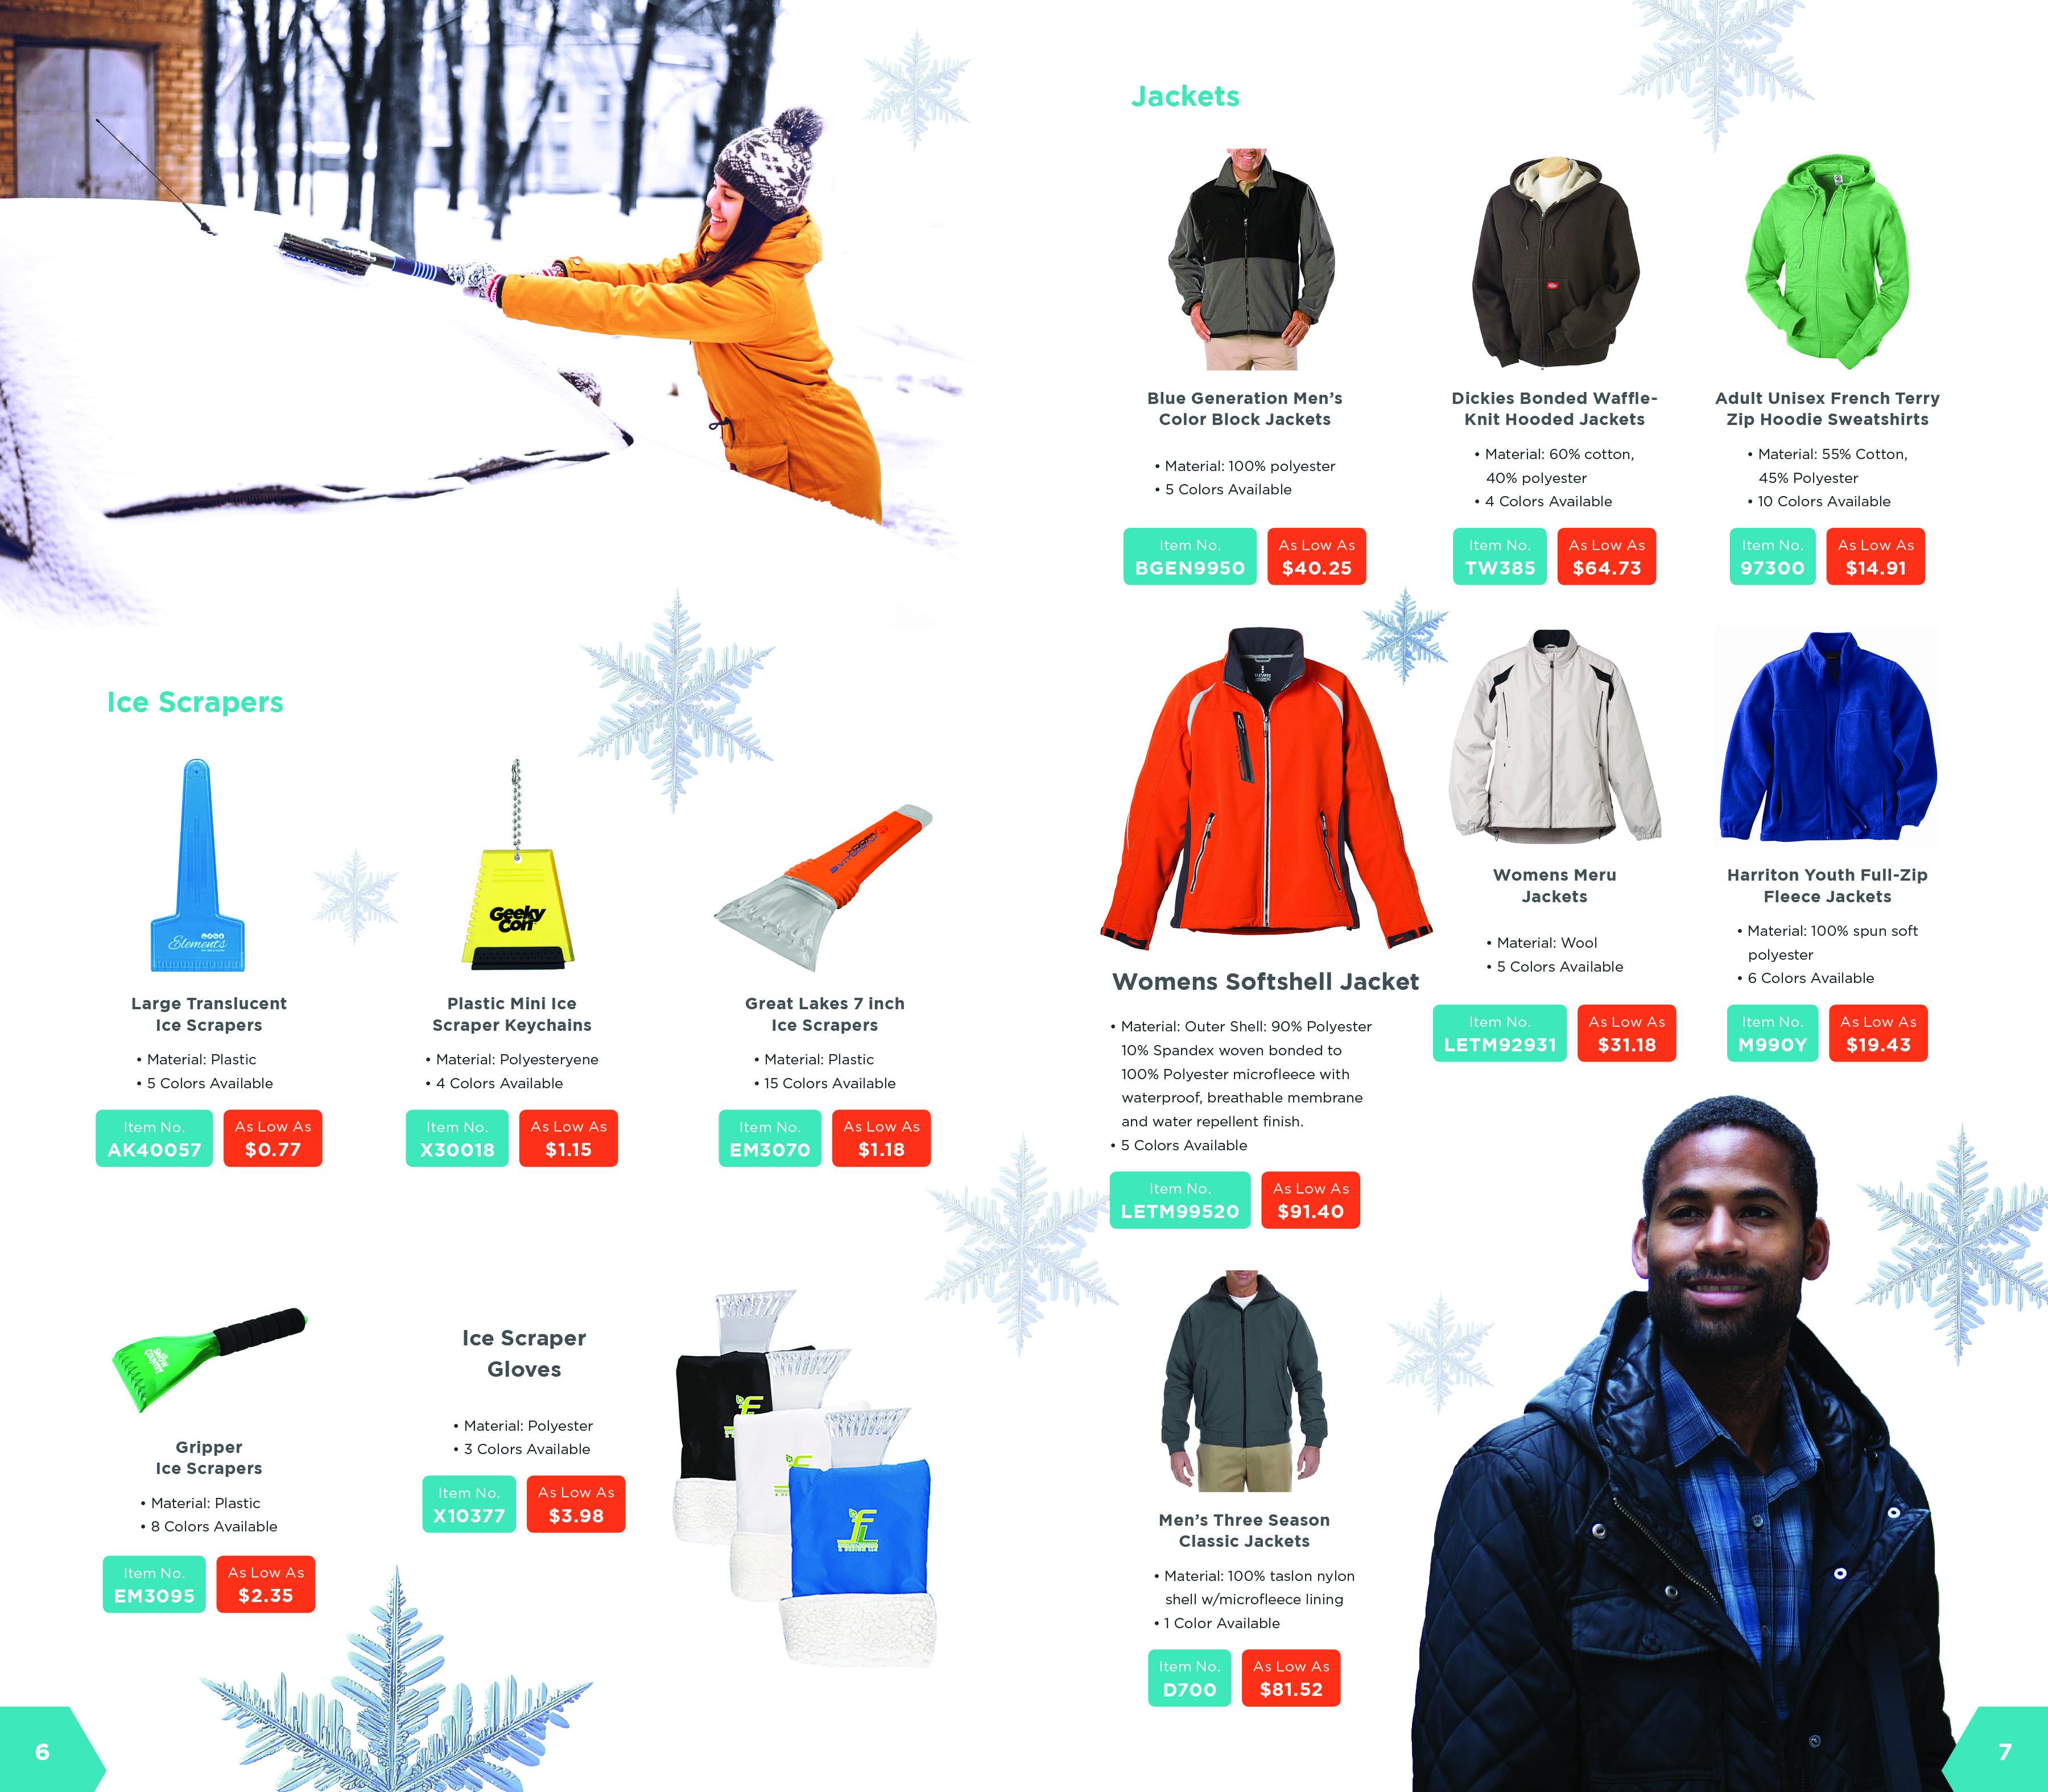 2018 DiscountMugs Winter Catalog_4